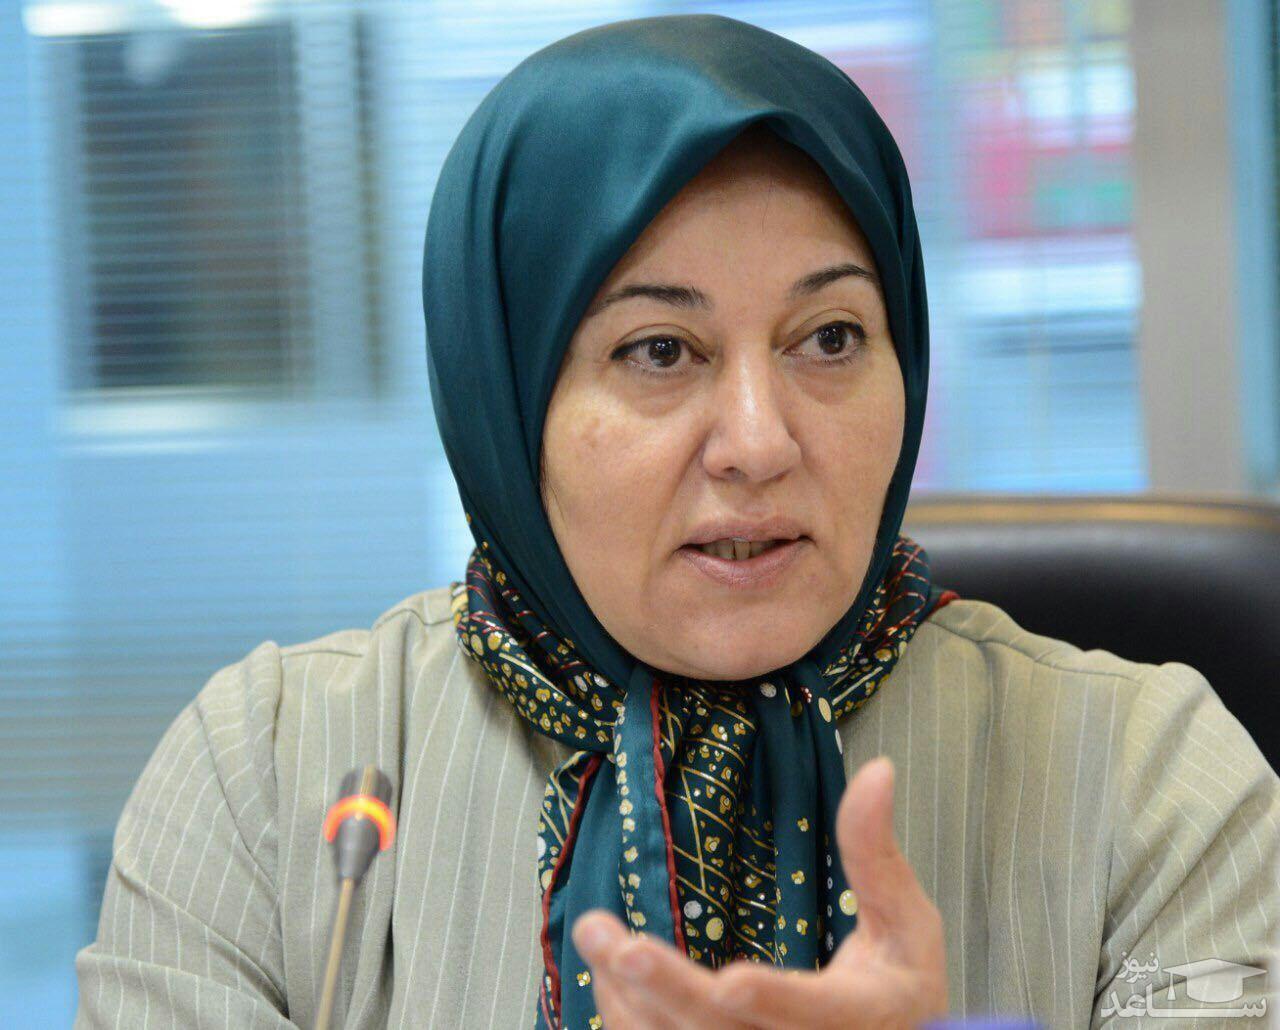 دکتر فاطمه مقیمی : چالش های کارآفرینی در ایران امروز